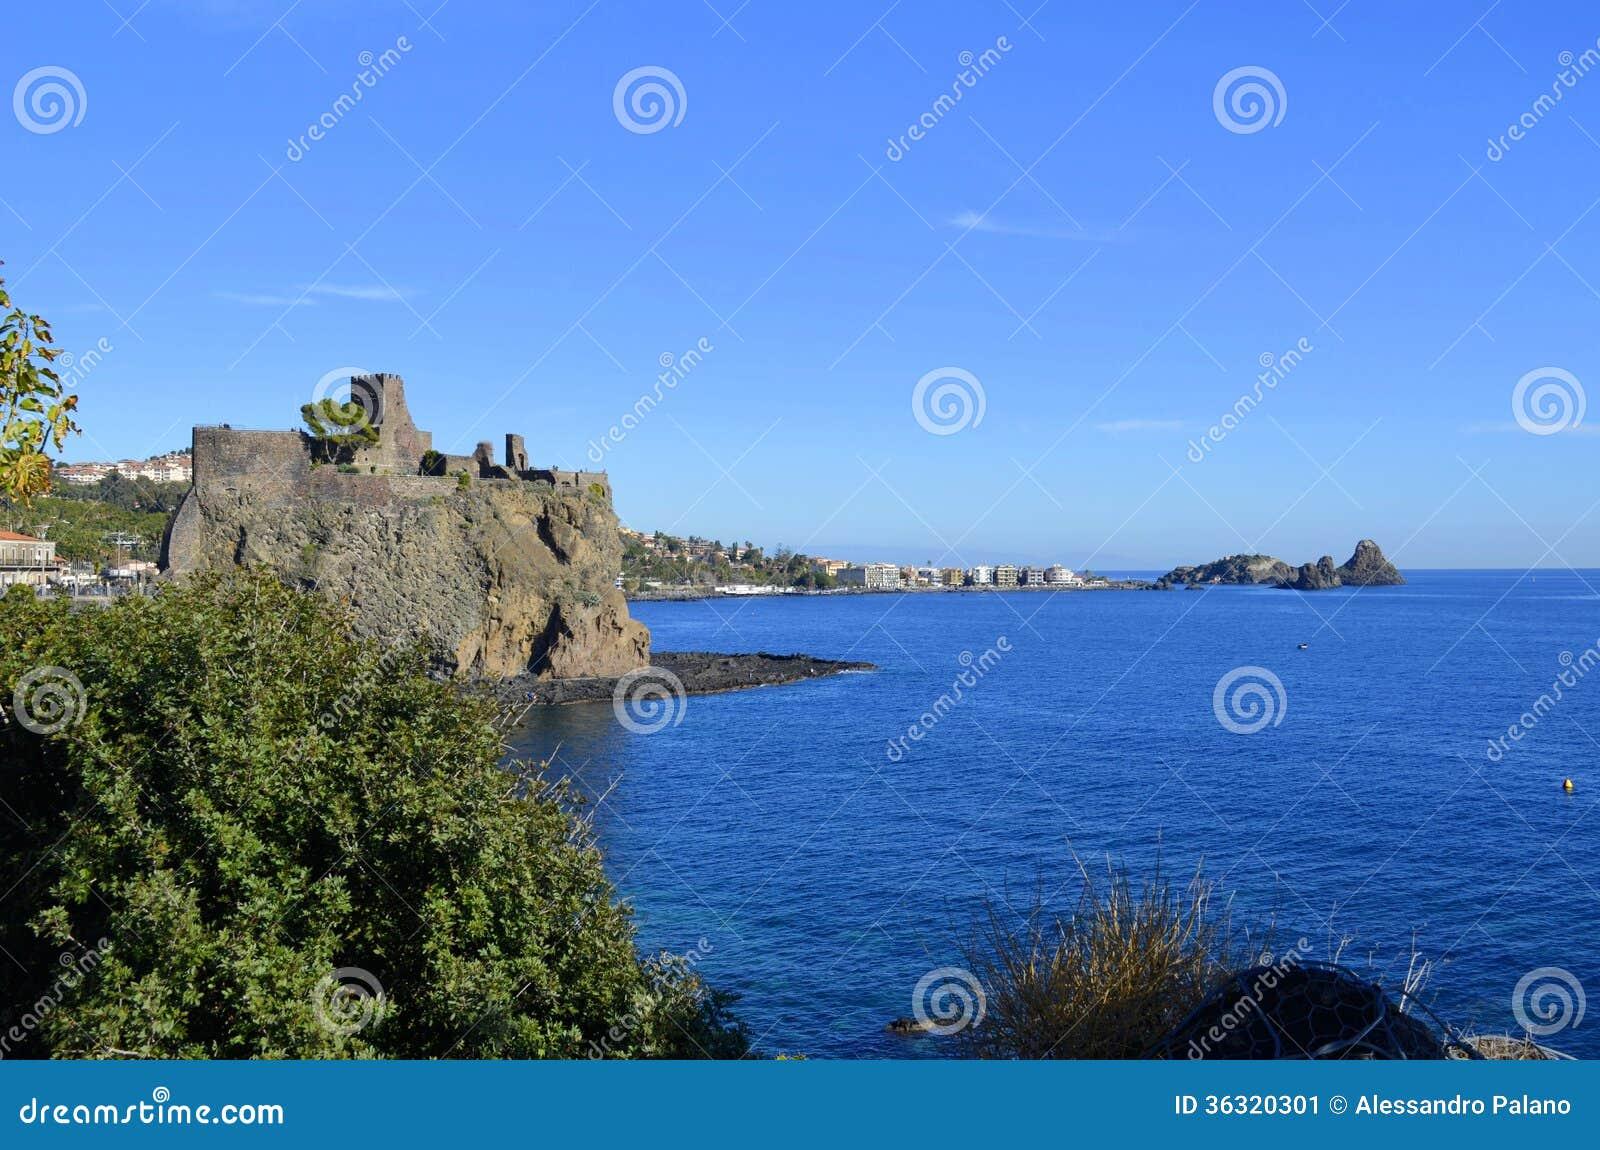 El castillo de Acicastello y las pilas de Acitrezza.